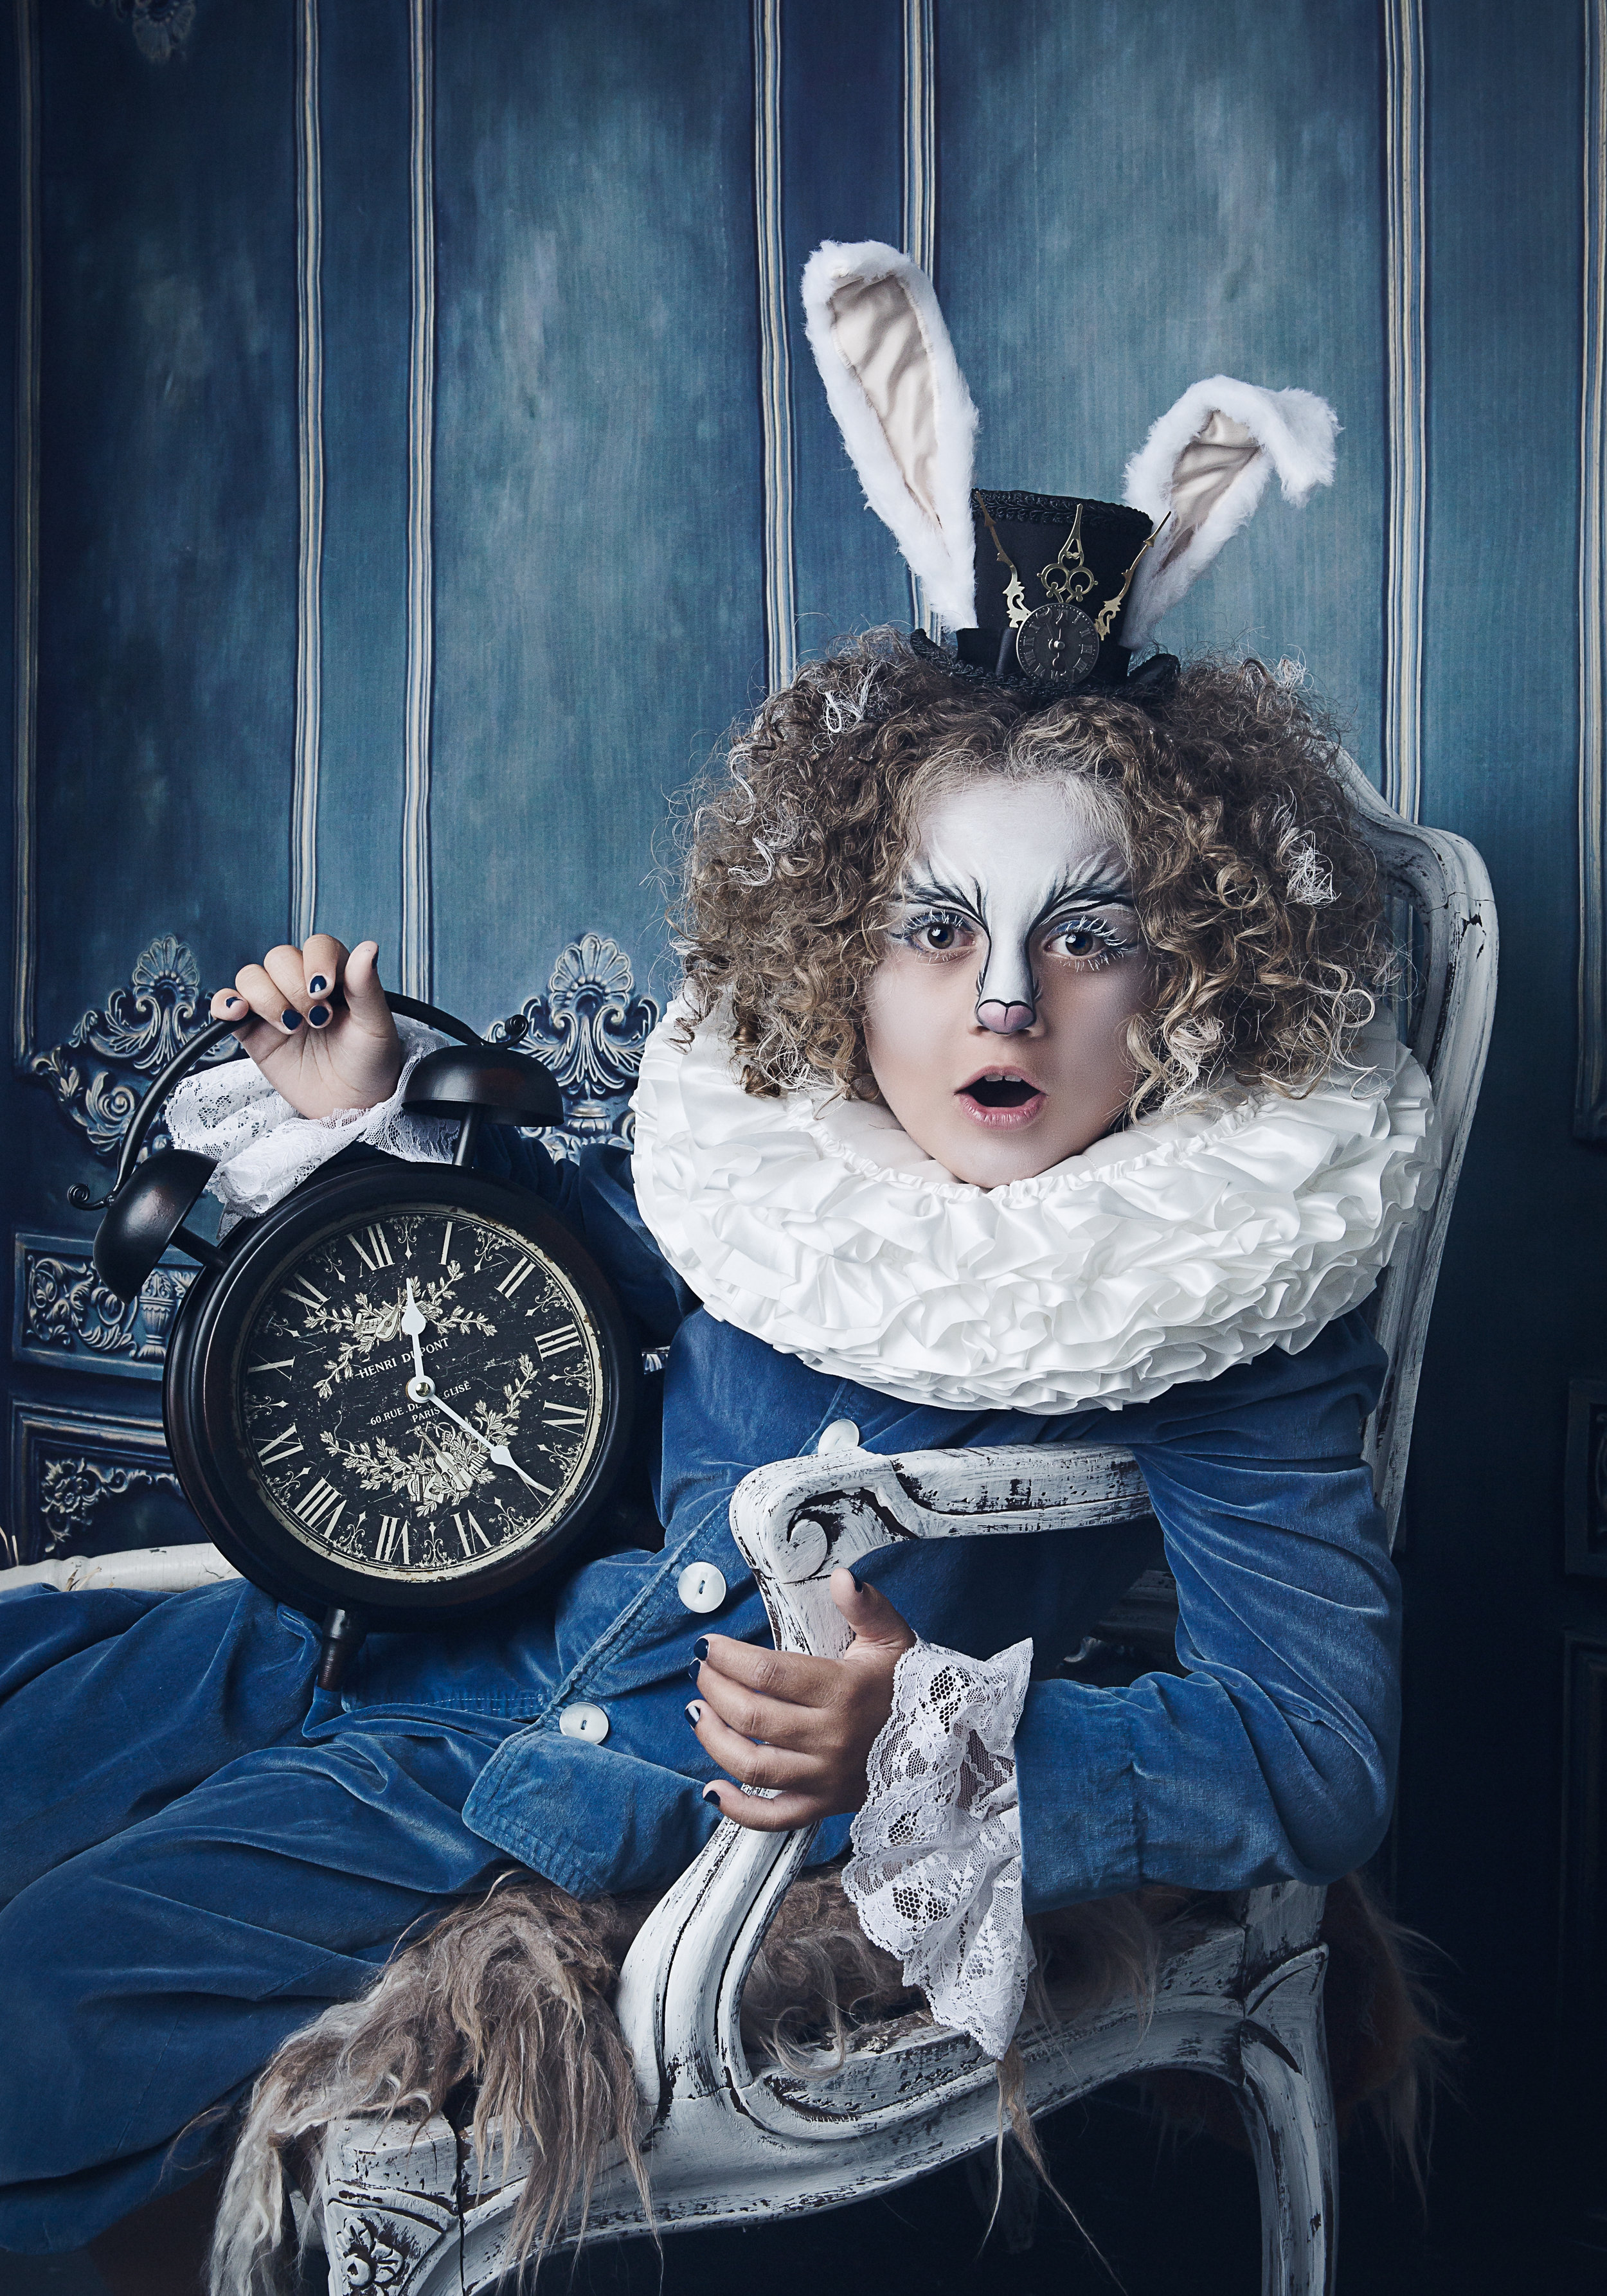 bianca-morello-AliceDTM-magPD2017-12.jpg